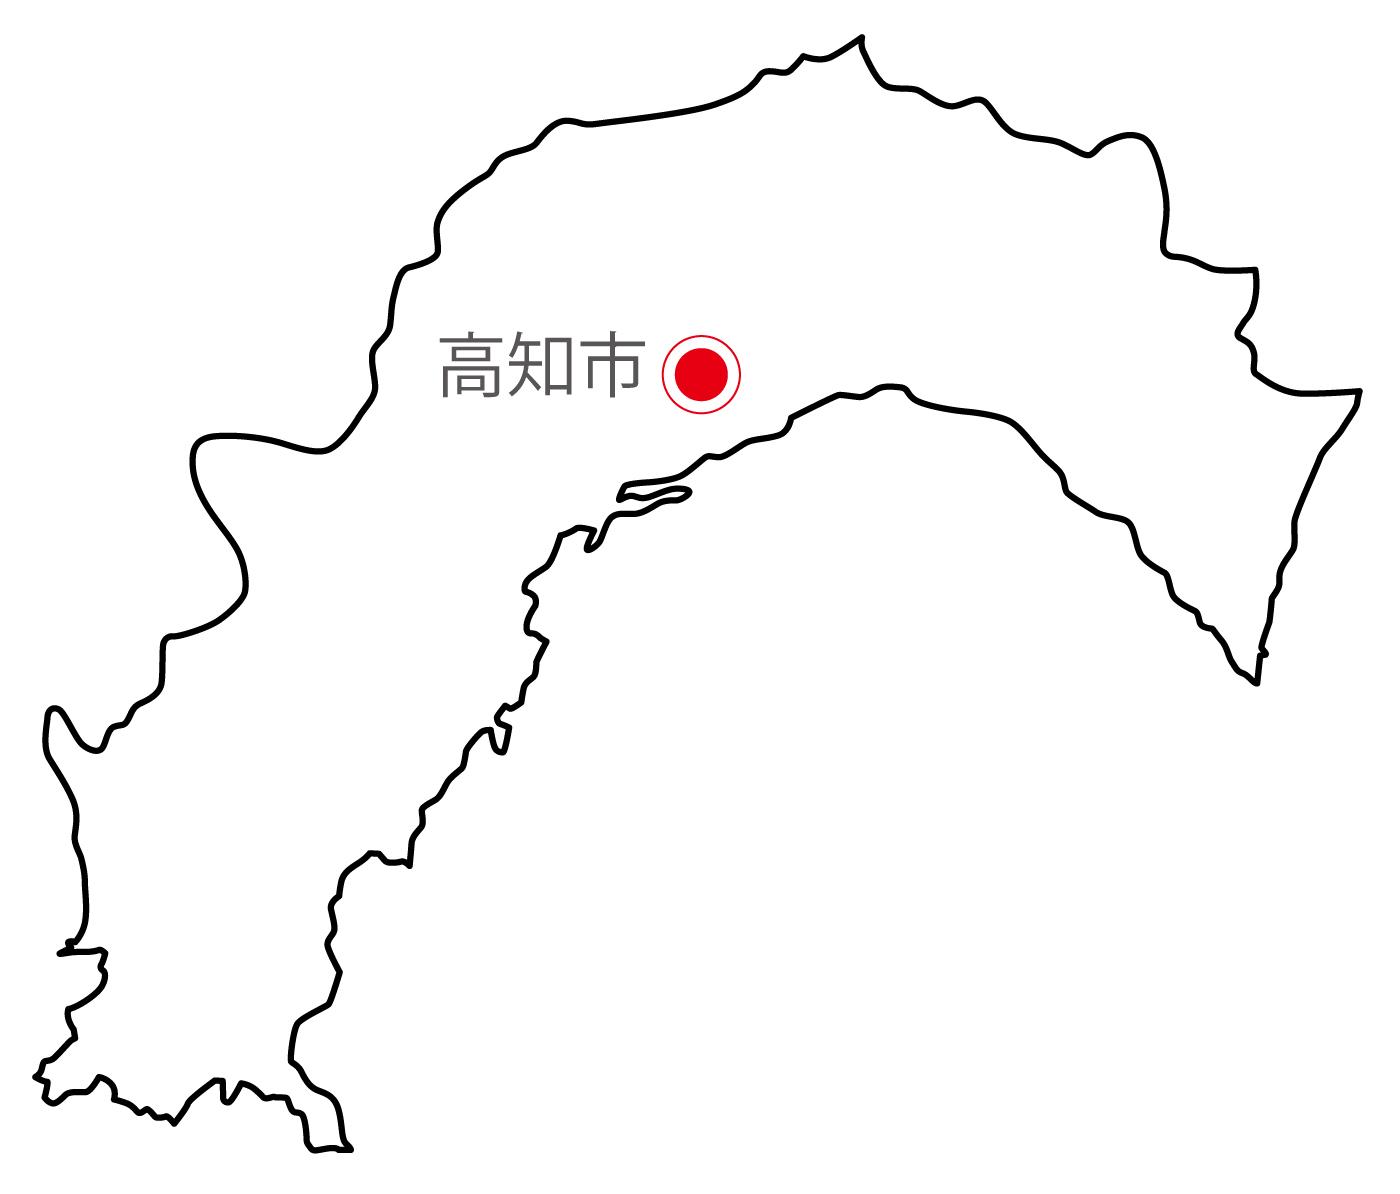 高知県無料フリーイラスト|日本語・県庁所在地あり(白)